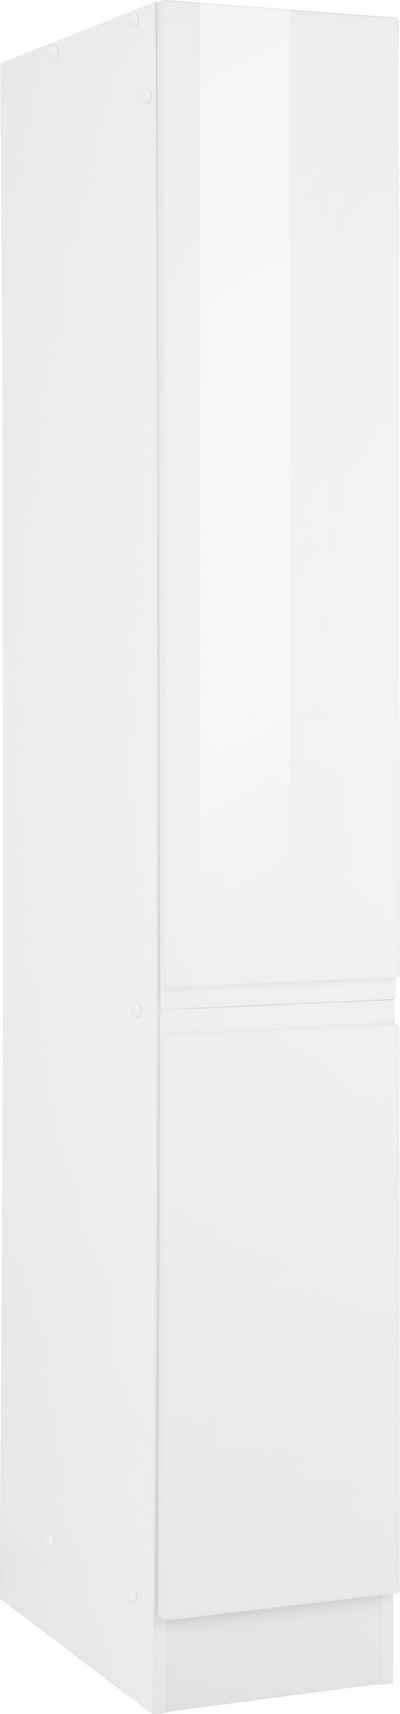 HELD MÖBEL Apothekerschrank »Virginia« 200 cm hoch 30 cm breit, 2 Auszüge mit 5 Ablagen, hochwertige MDF-Fronten, griffloses Design